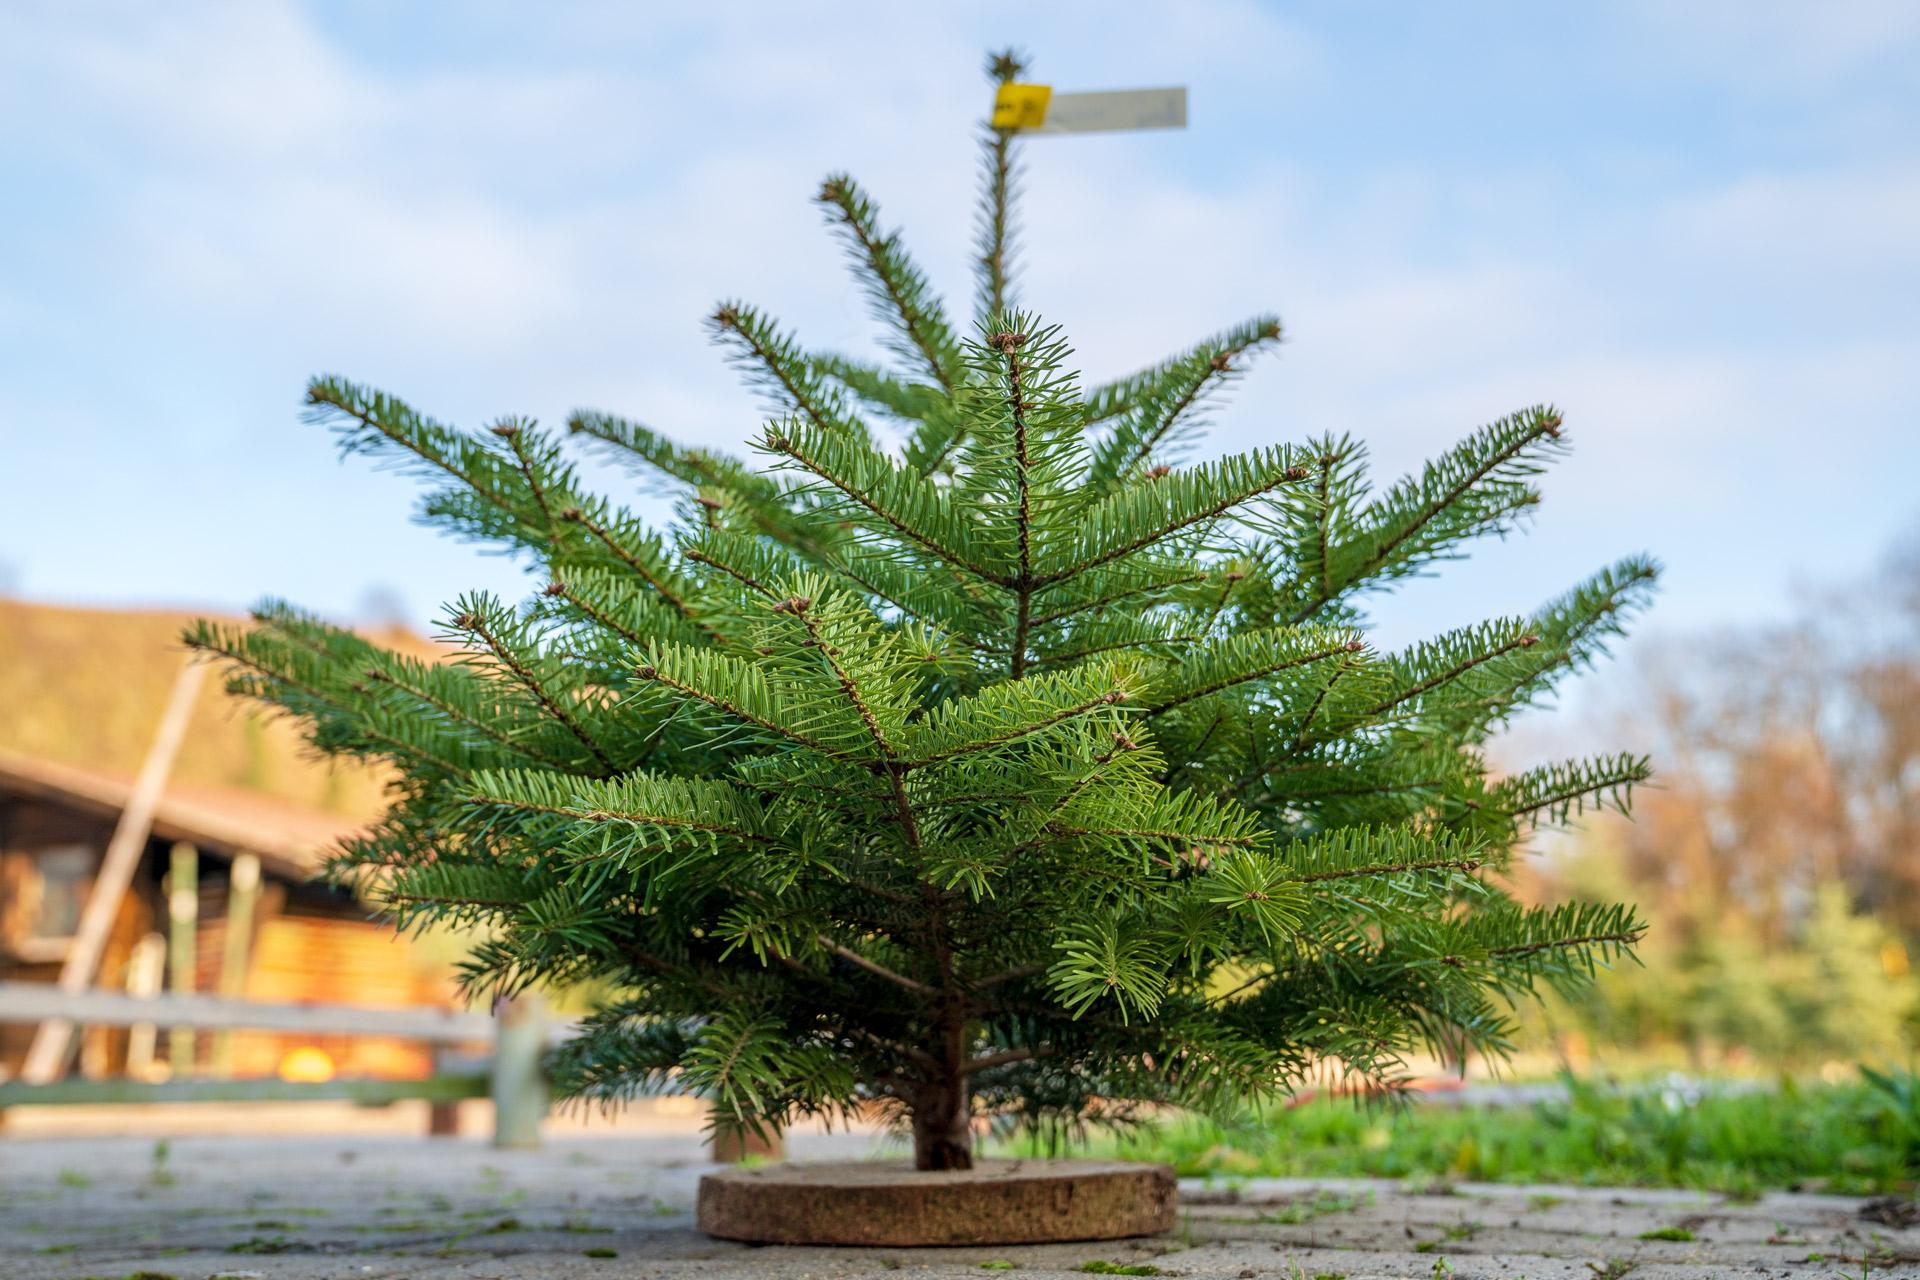 Mini Rotfichte als Weihnachtsbaum auf Sockel